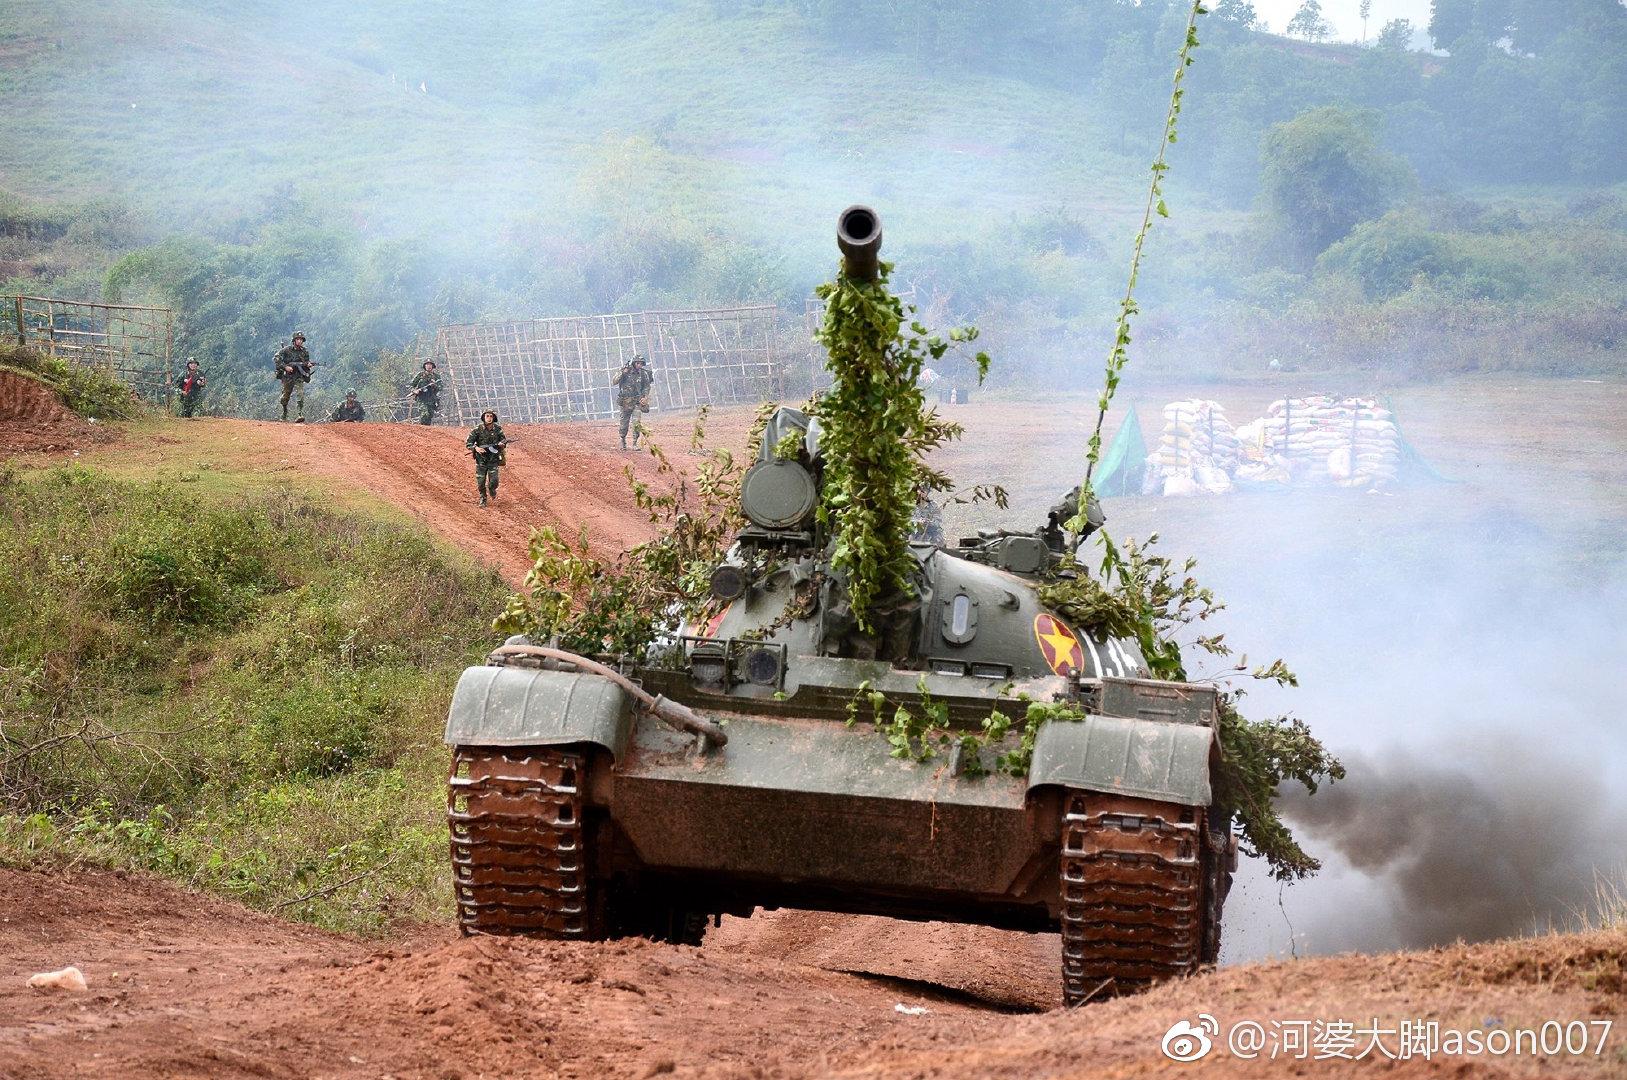 越南312师摩步209团仍在操纵老式的T-55坦克和BMP-1步兵战车 图源:微博@河婆大脚ason007